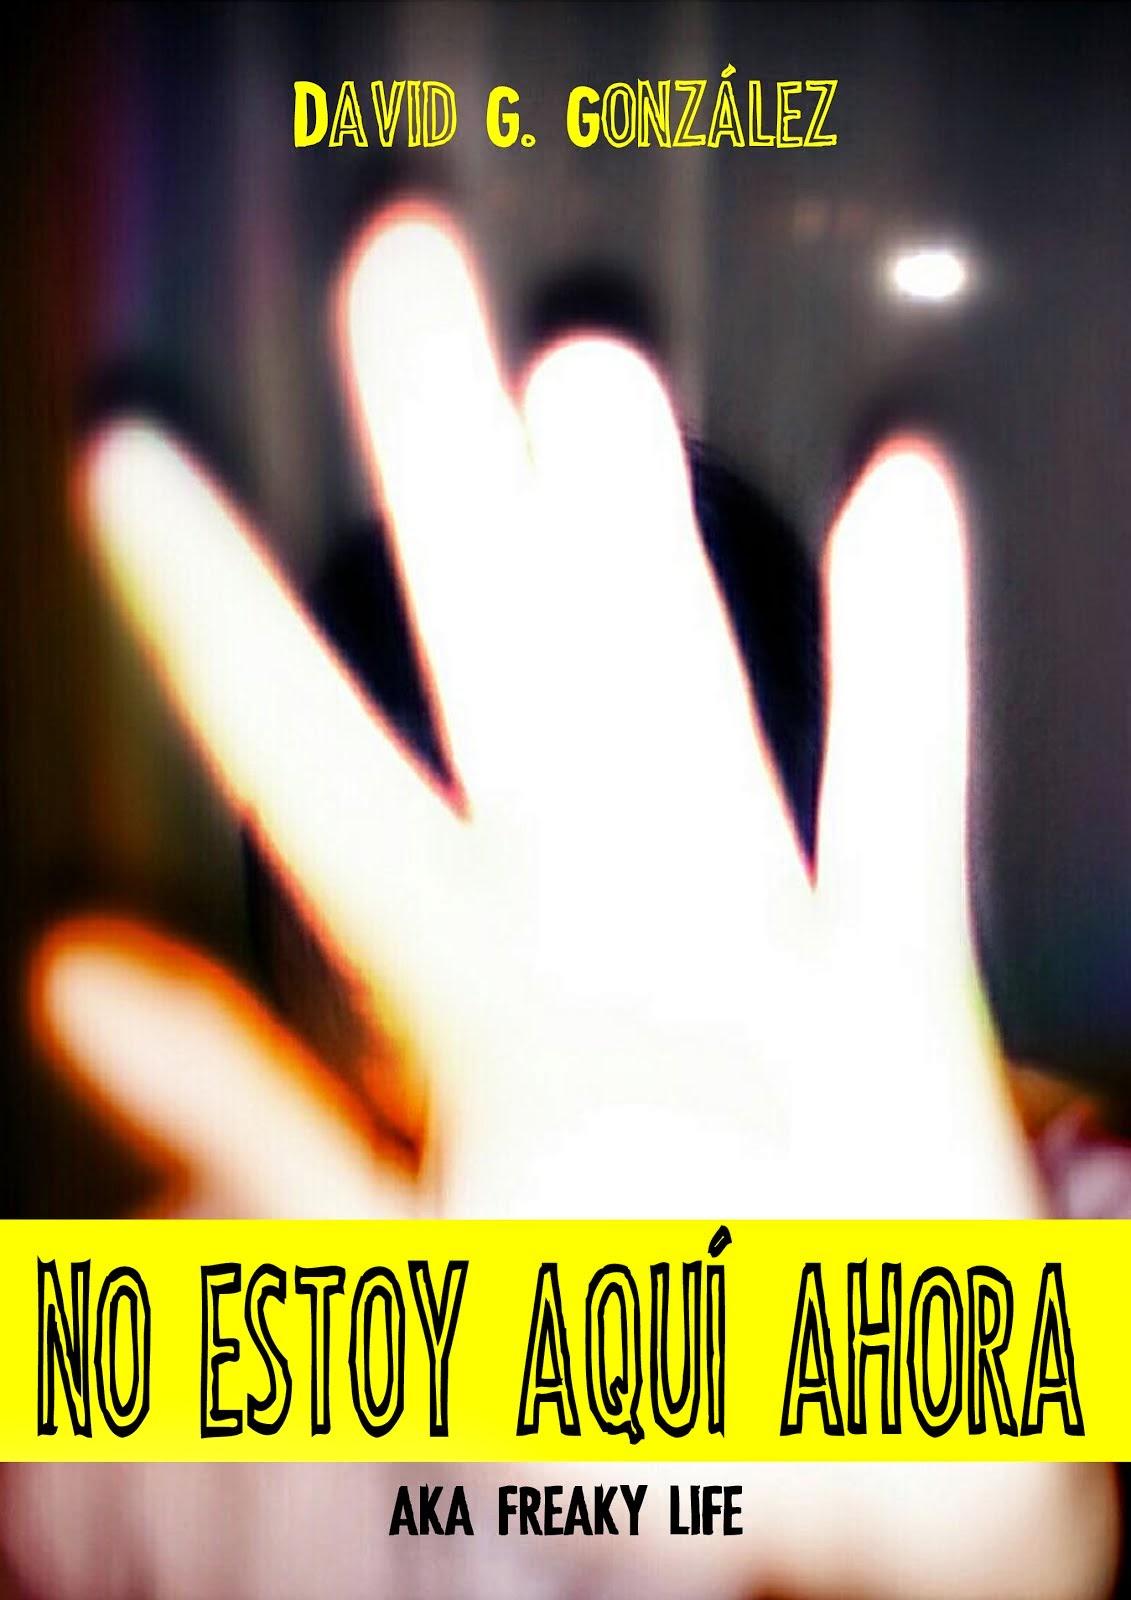 """Lee online """"No estoy aquí ahora"""", la novela de David G. González"""